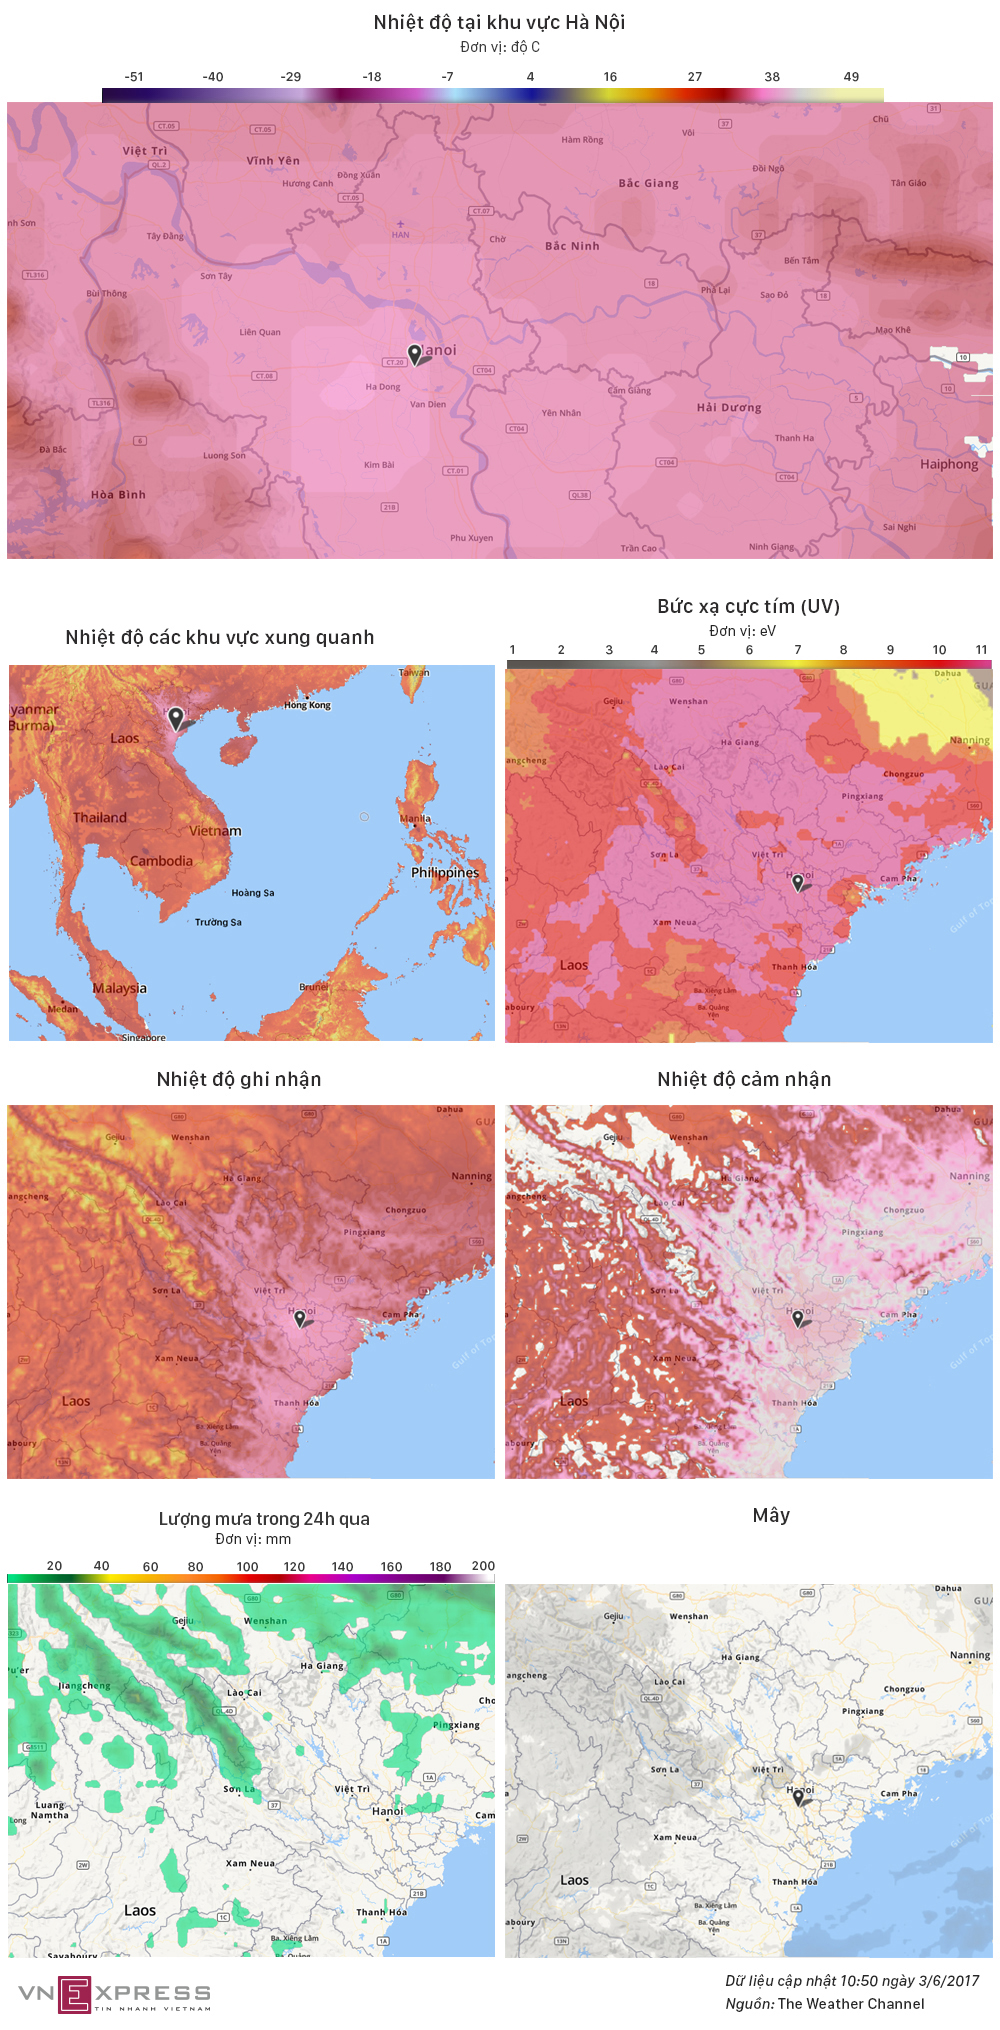 Hà Nội - chảo lửa vùng Đông Nam Á